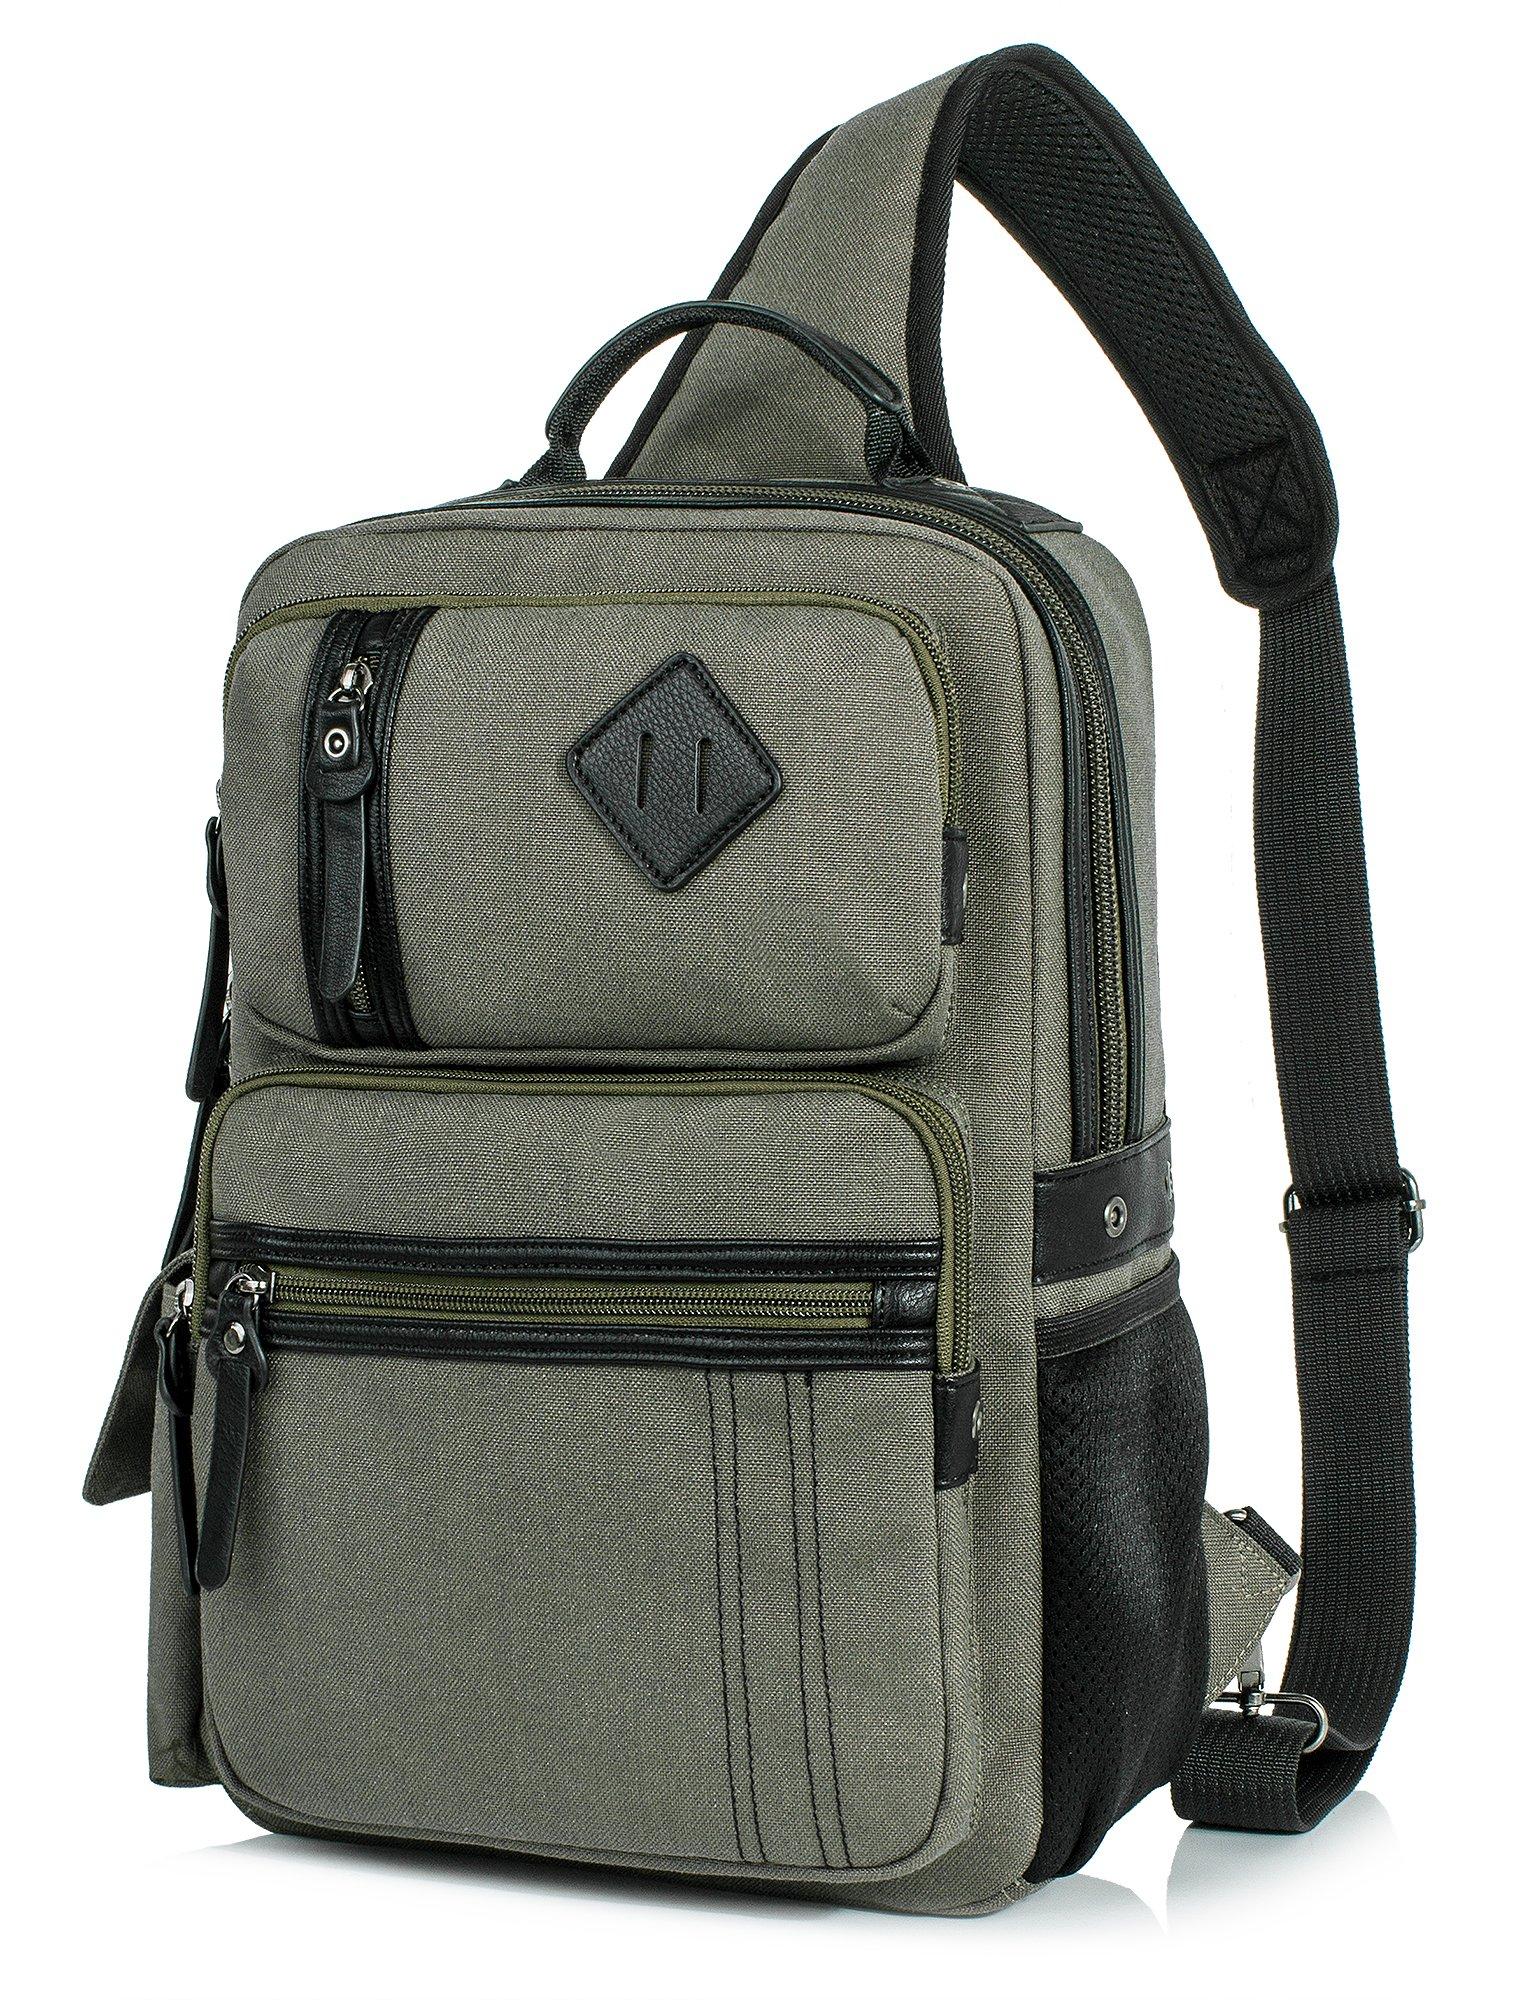 Messenger Bag for Men, Cross Body Shoulder Sling Bag Travel Outdoor Gym Backpack Army green 2